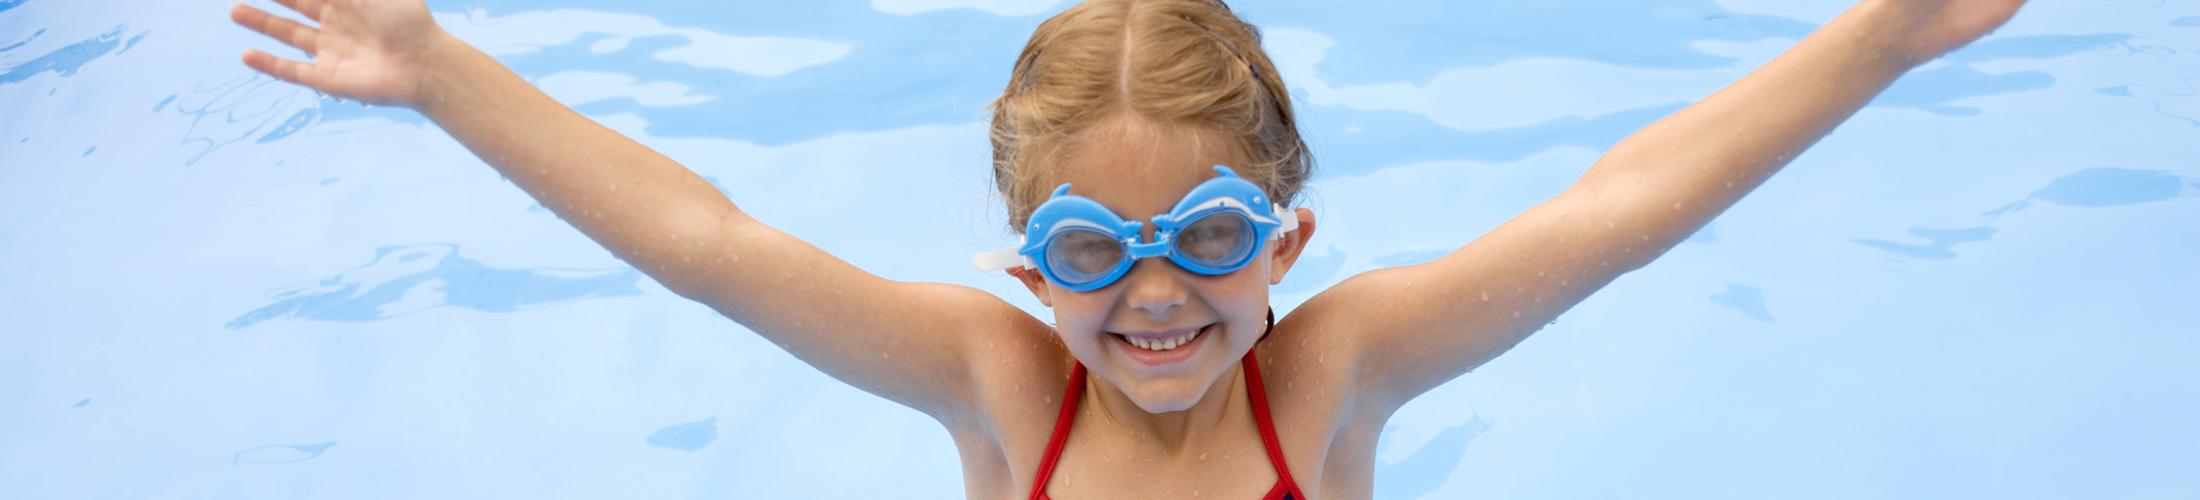 Petite fille souriant avec des lunettes de piscine